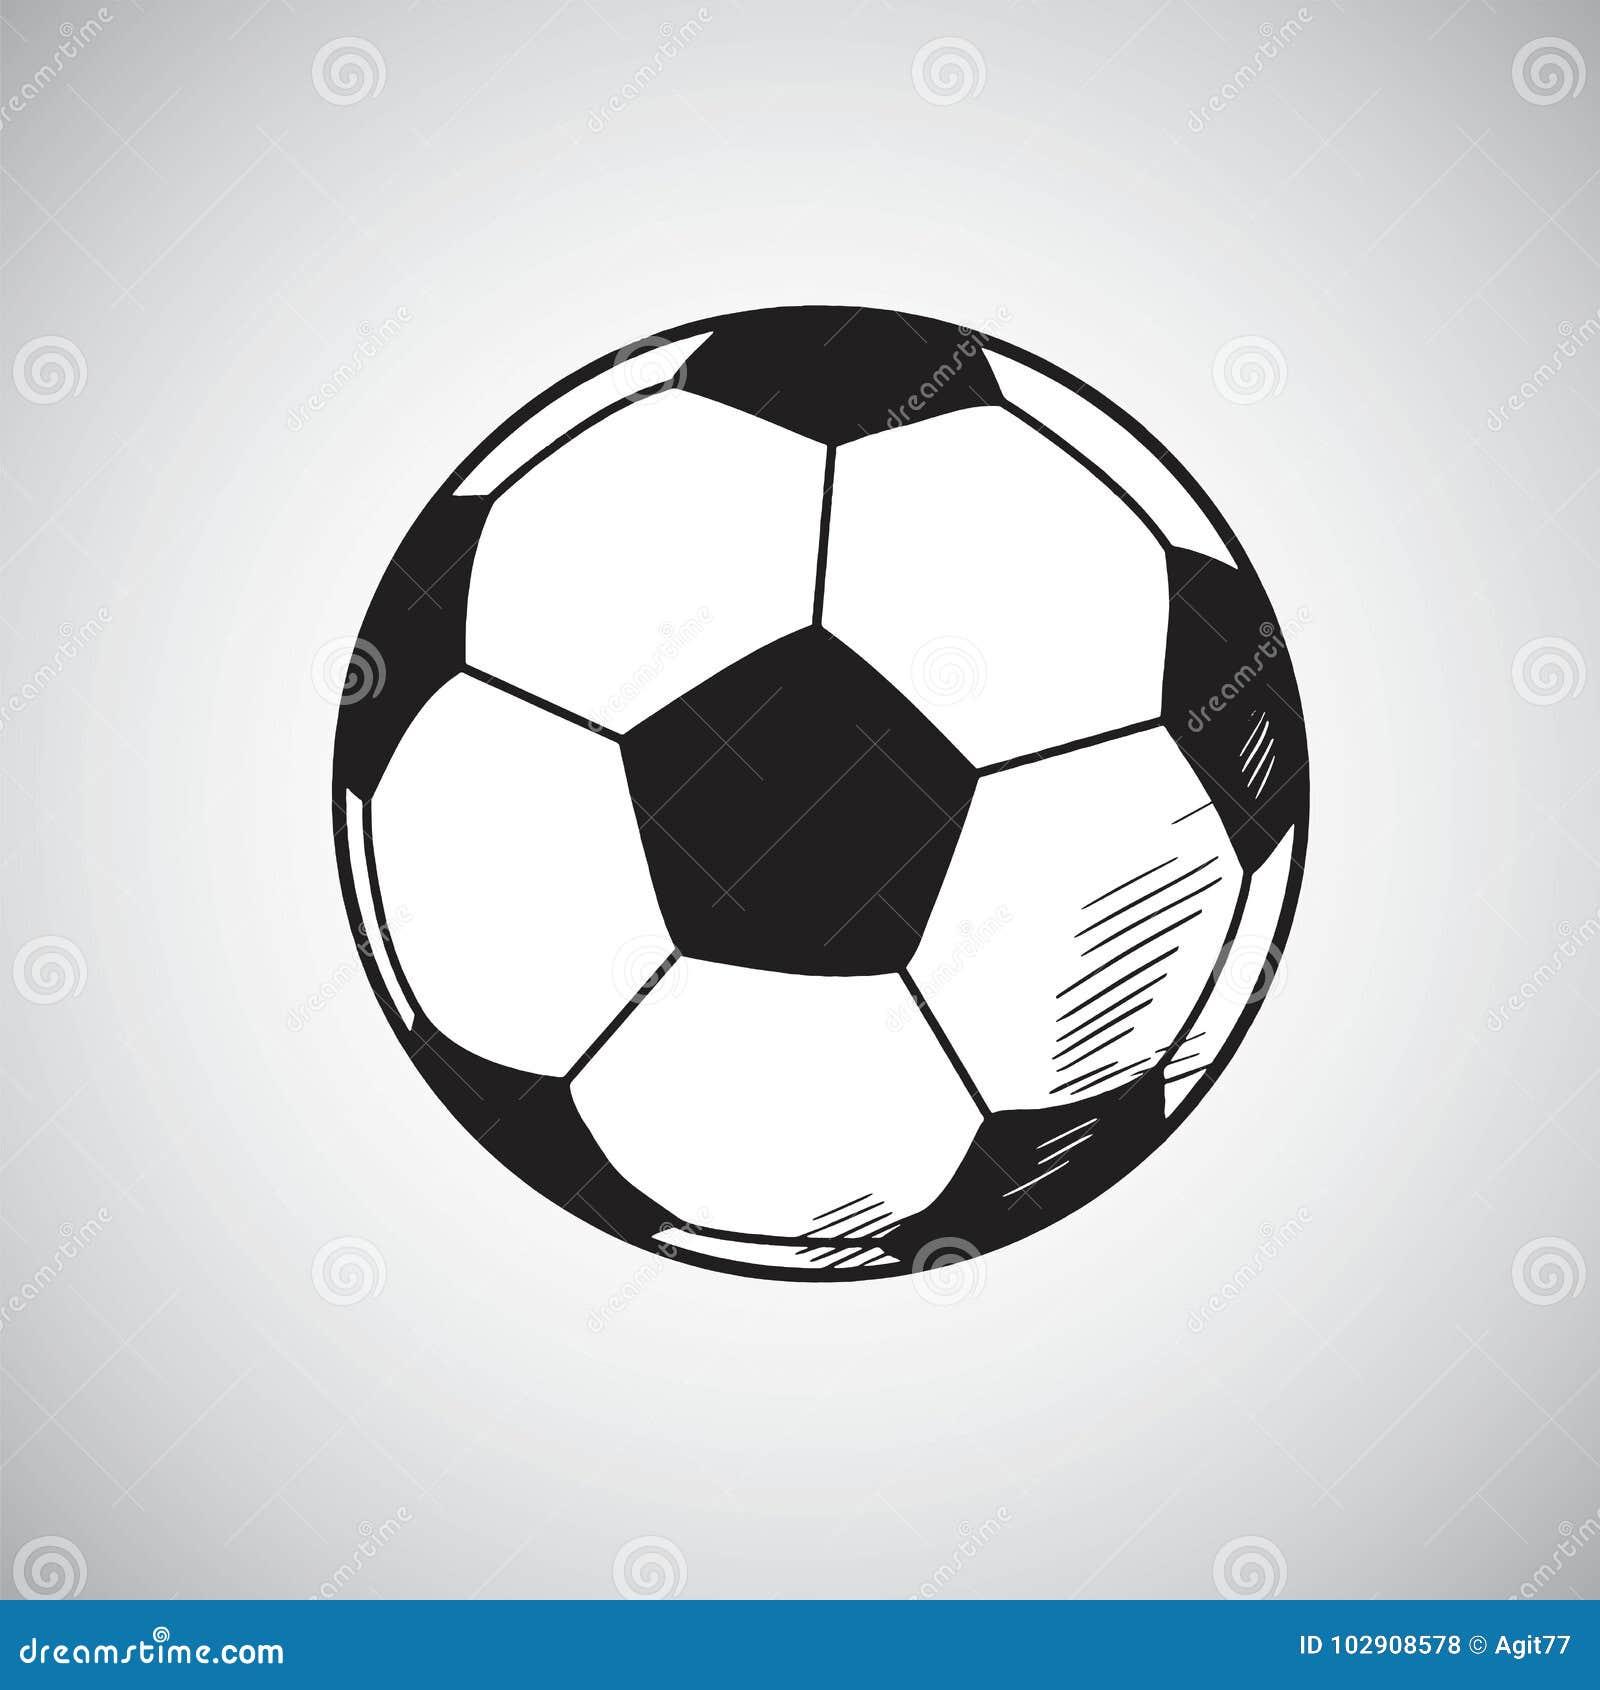 Fussball Vektor Zeichnungs Hand Gezeichnet Vektor Abbildung